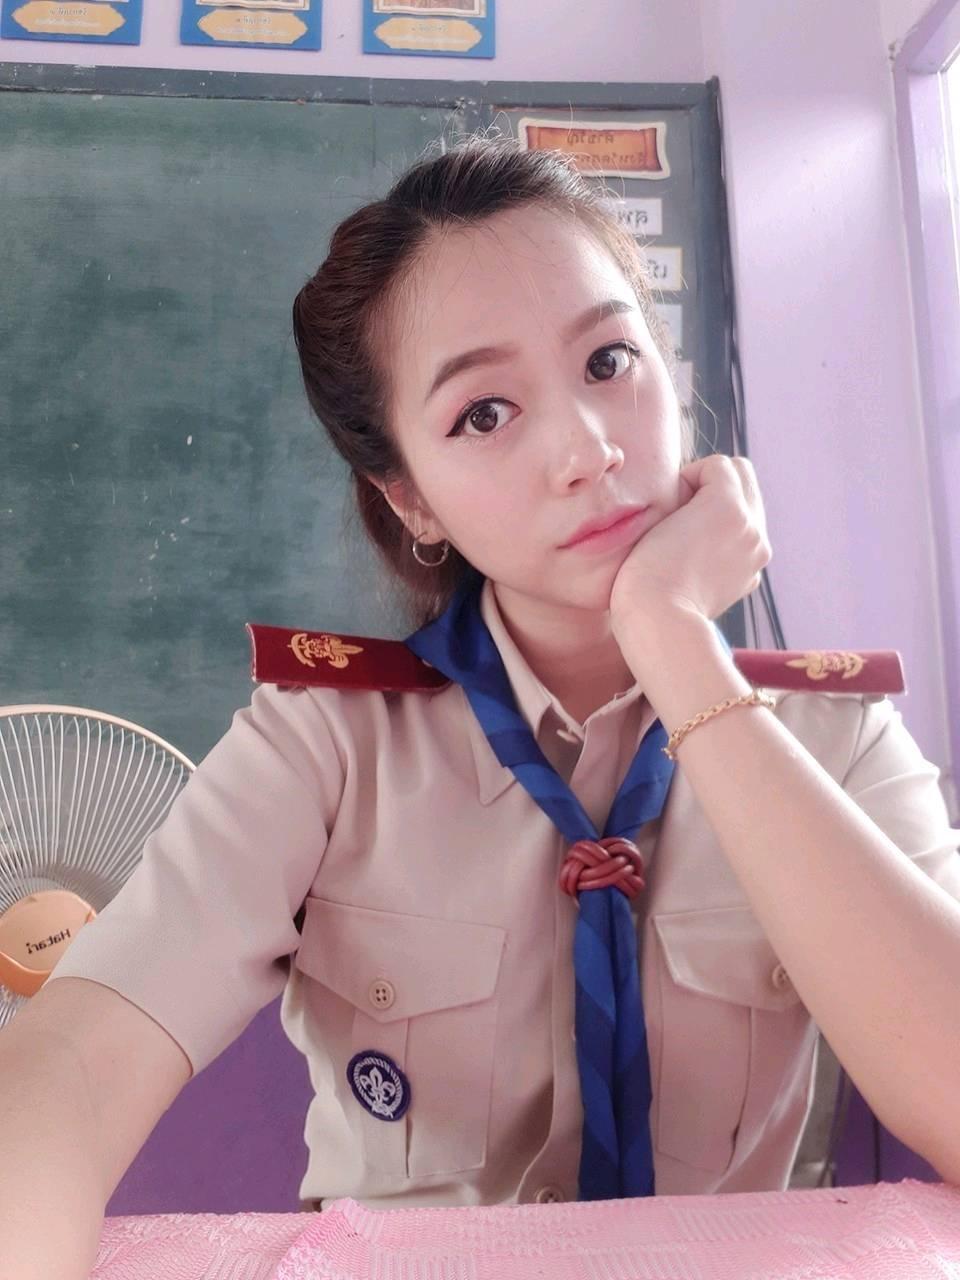 ครูพร สอนวิชาภาษาไทย รร.เทศบาล4 จ.กาญจนบุรี